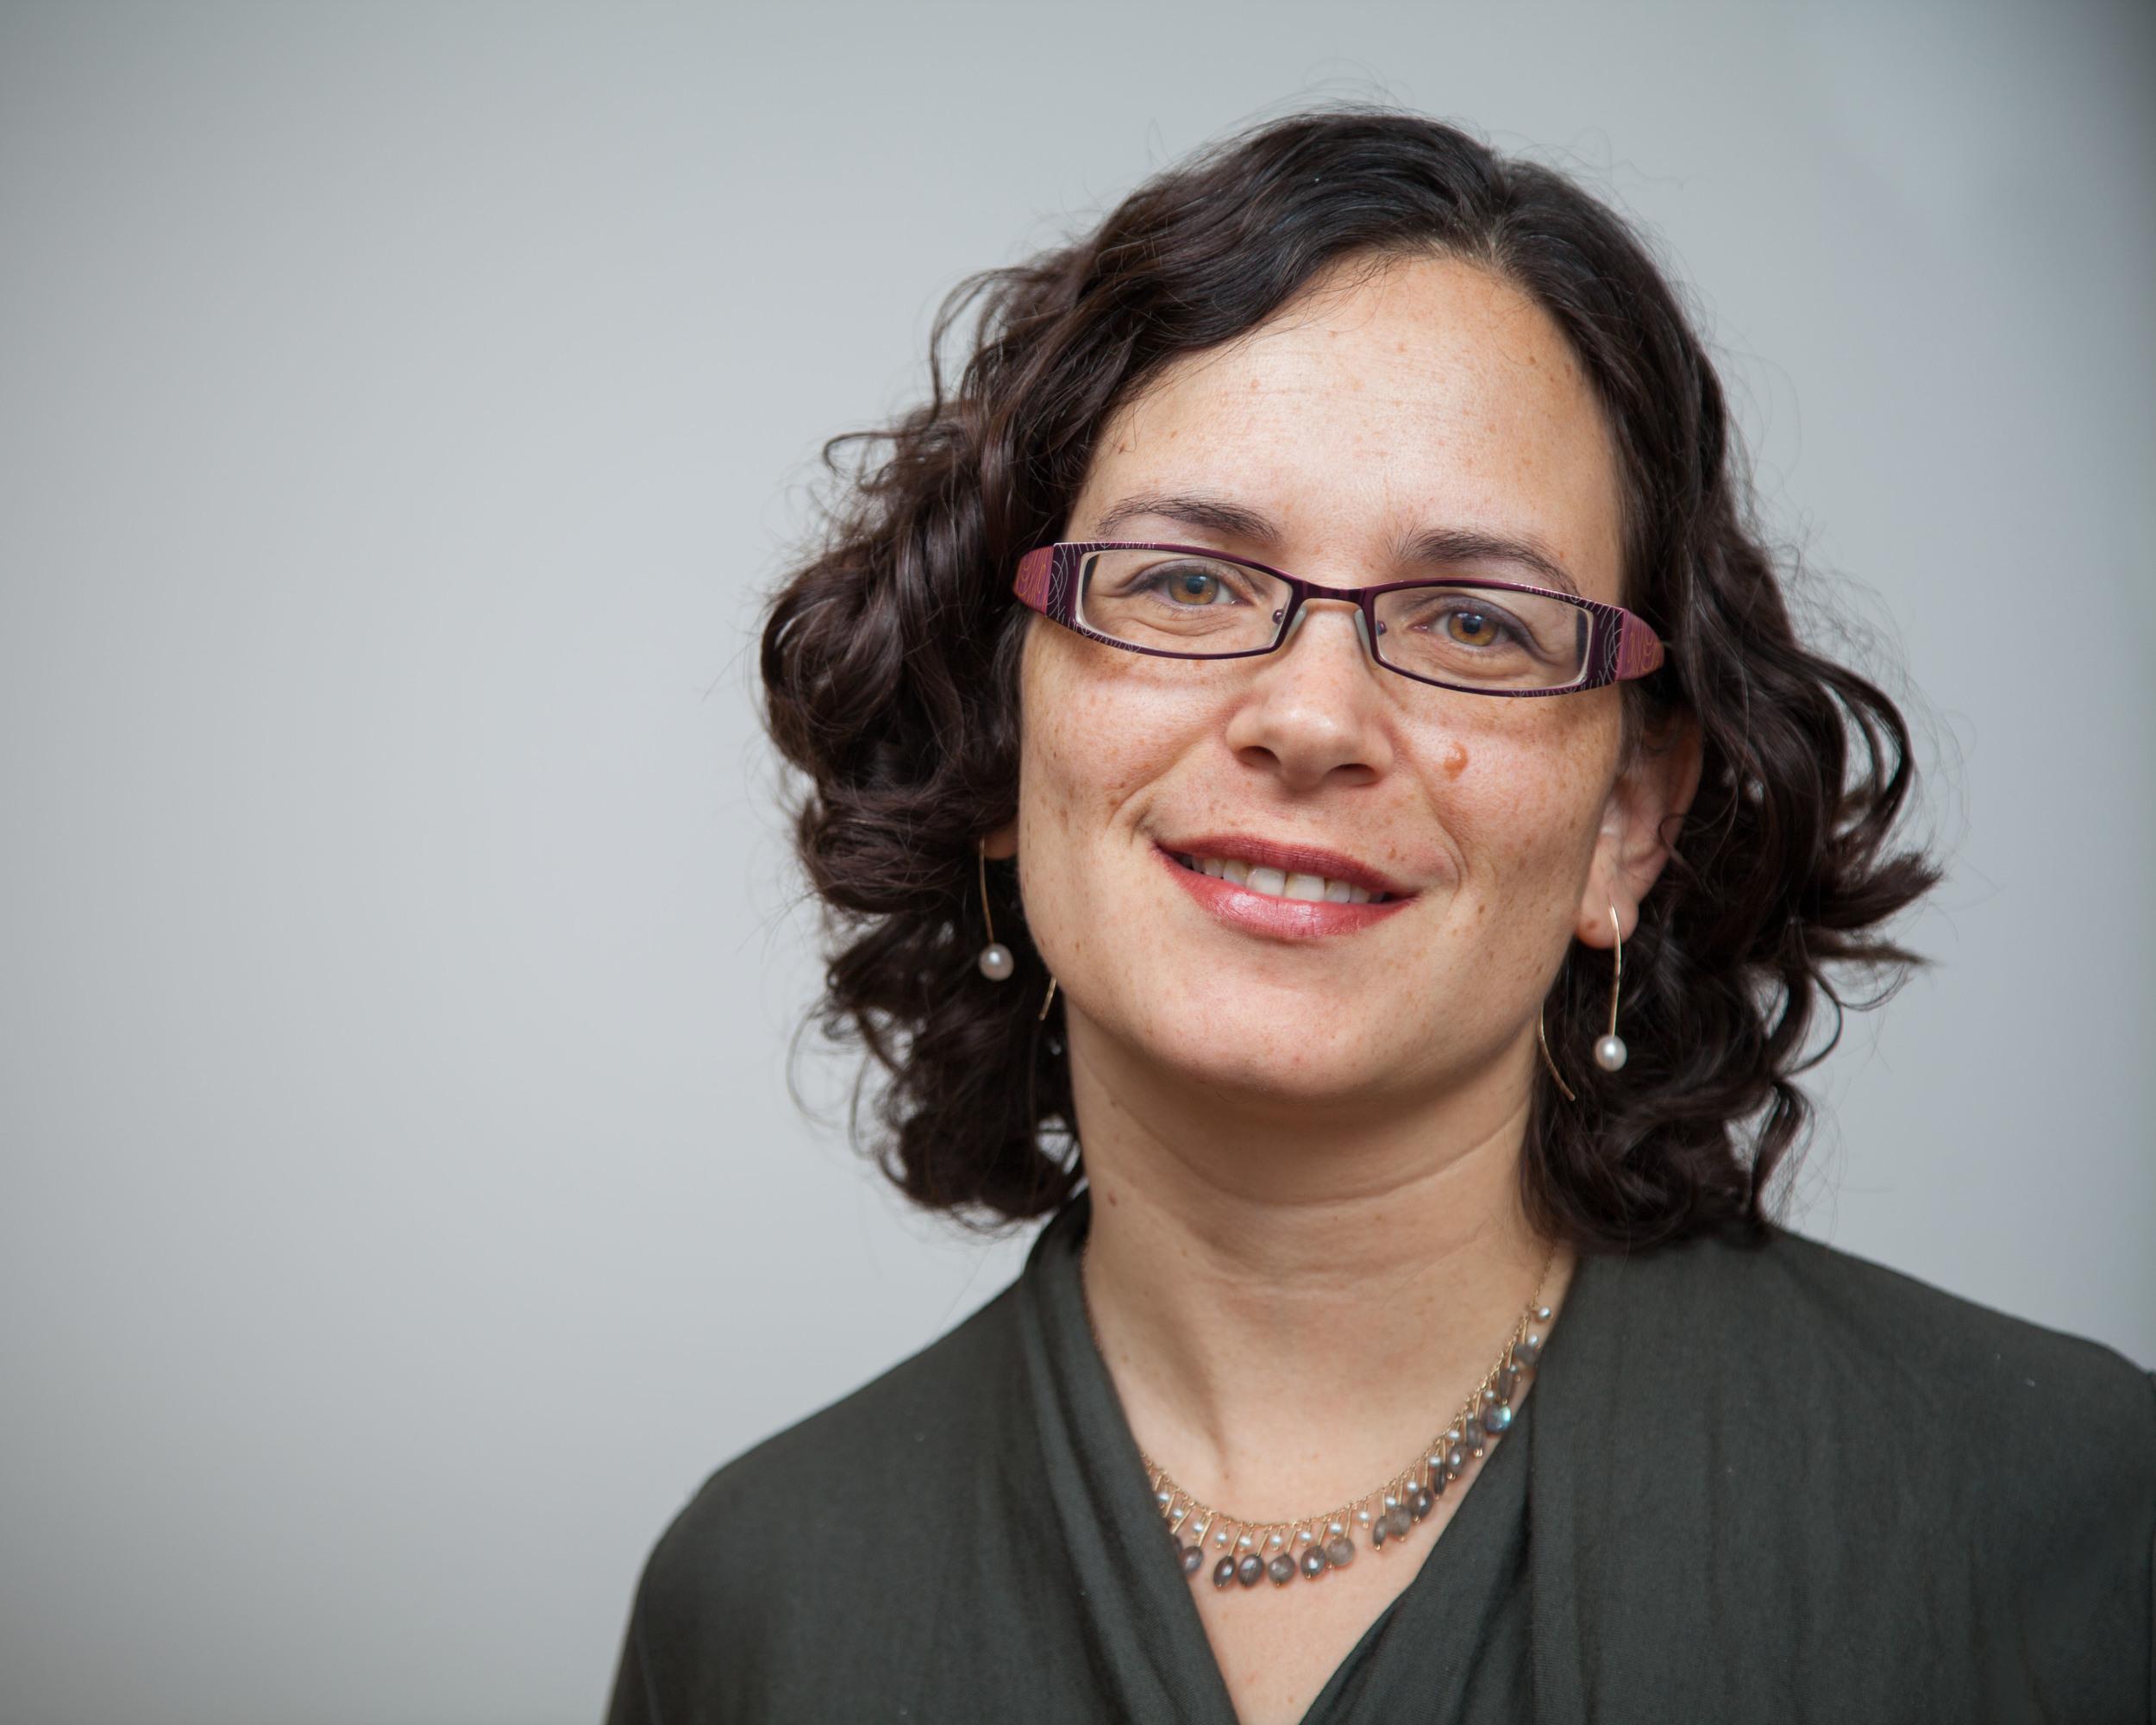 Rachel Azaria